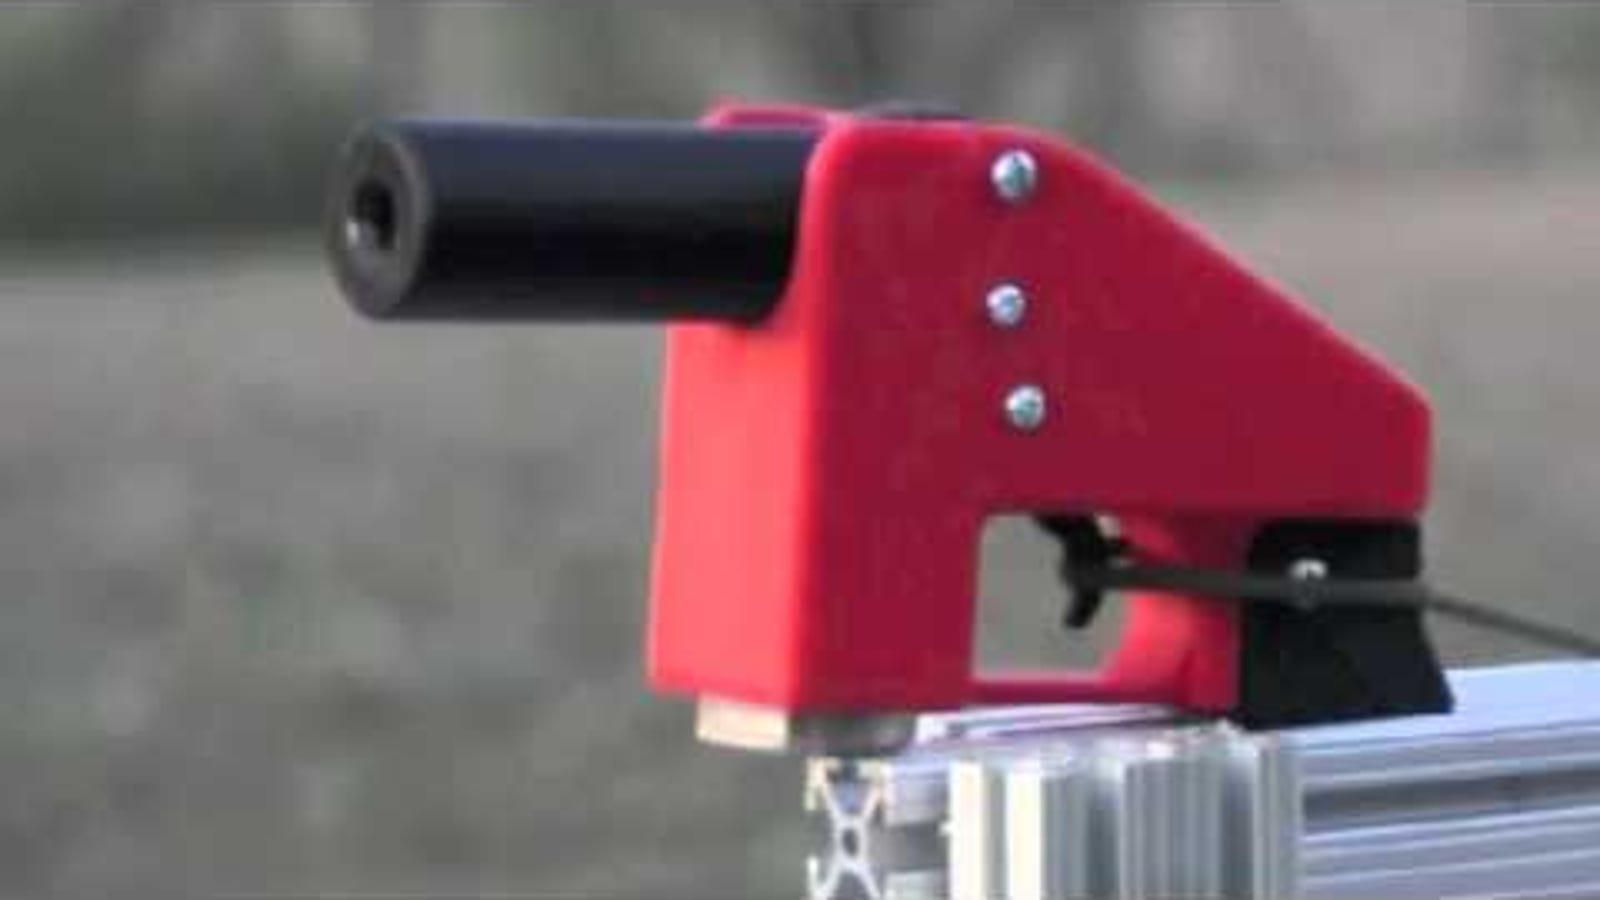 Esta pistola impresa en 3D es más barata y peligrosa que Liberator